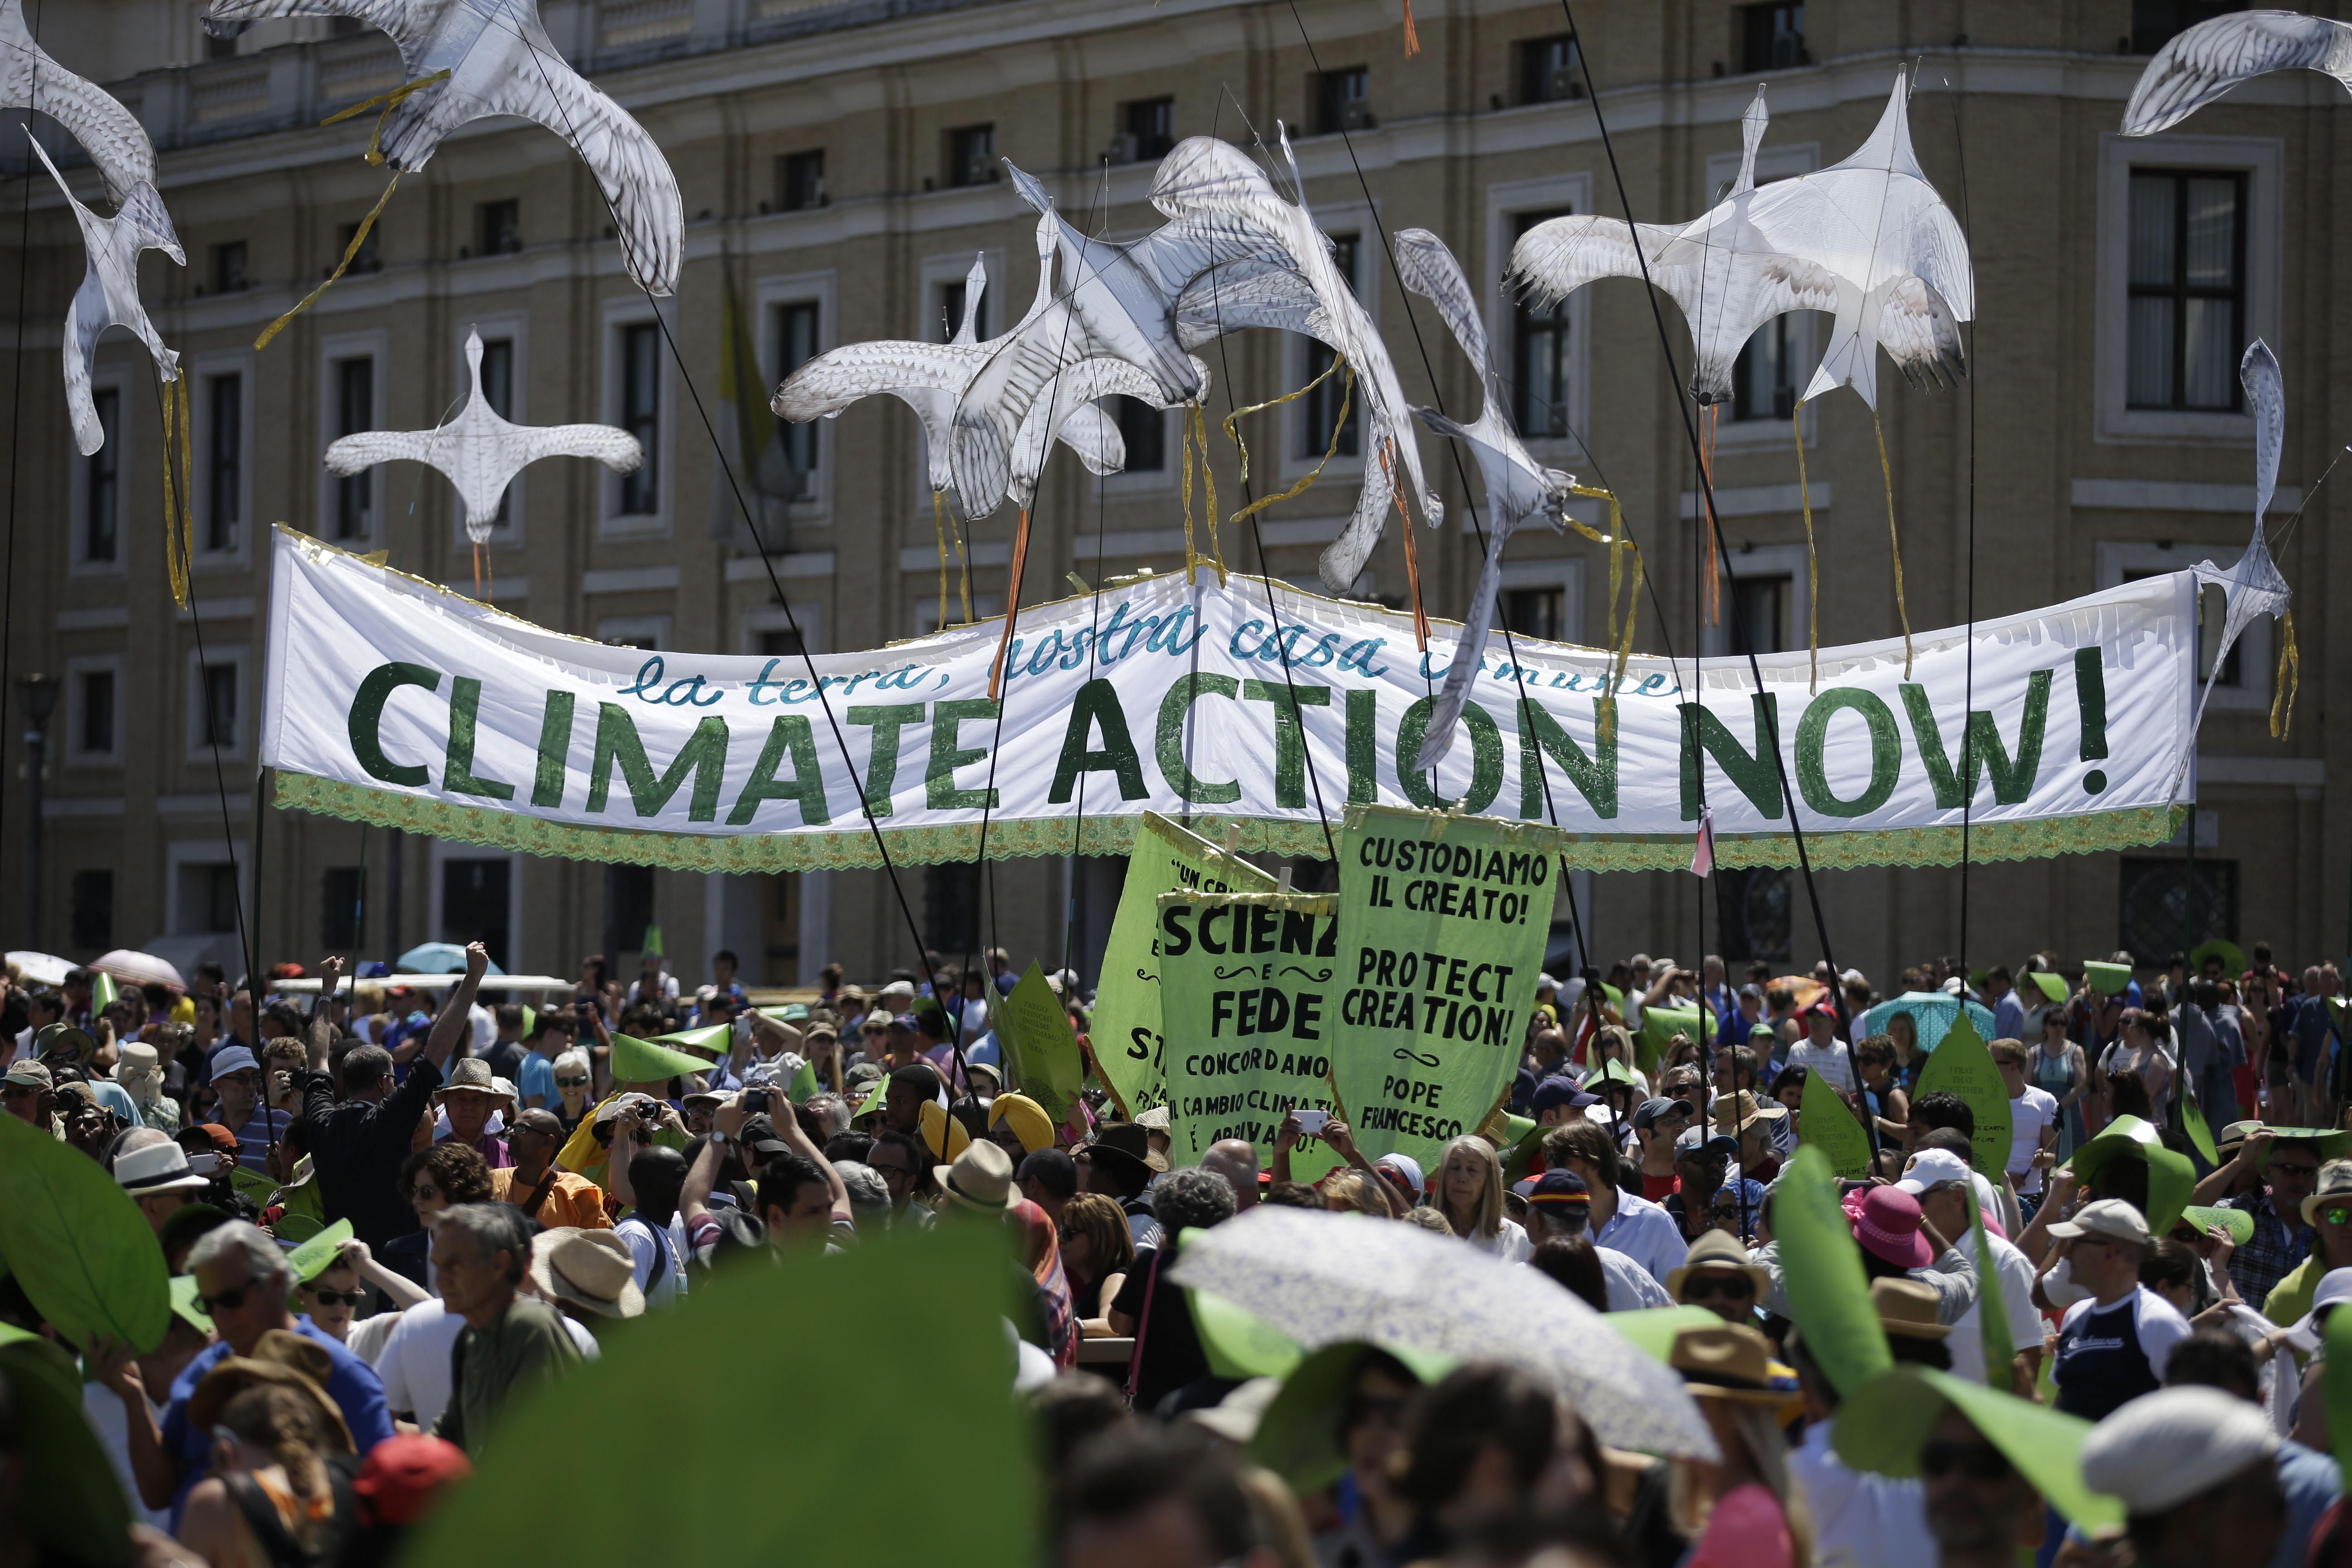 Une foule de manifestants, dont certains tiennent une banderole sur laquelle est écrit « Climate Action Now ! »